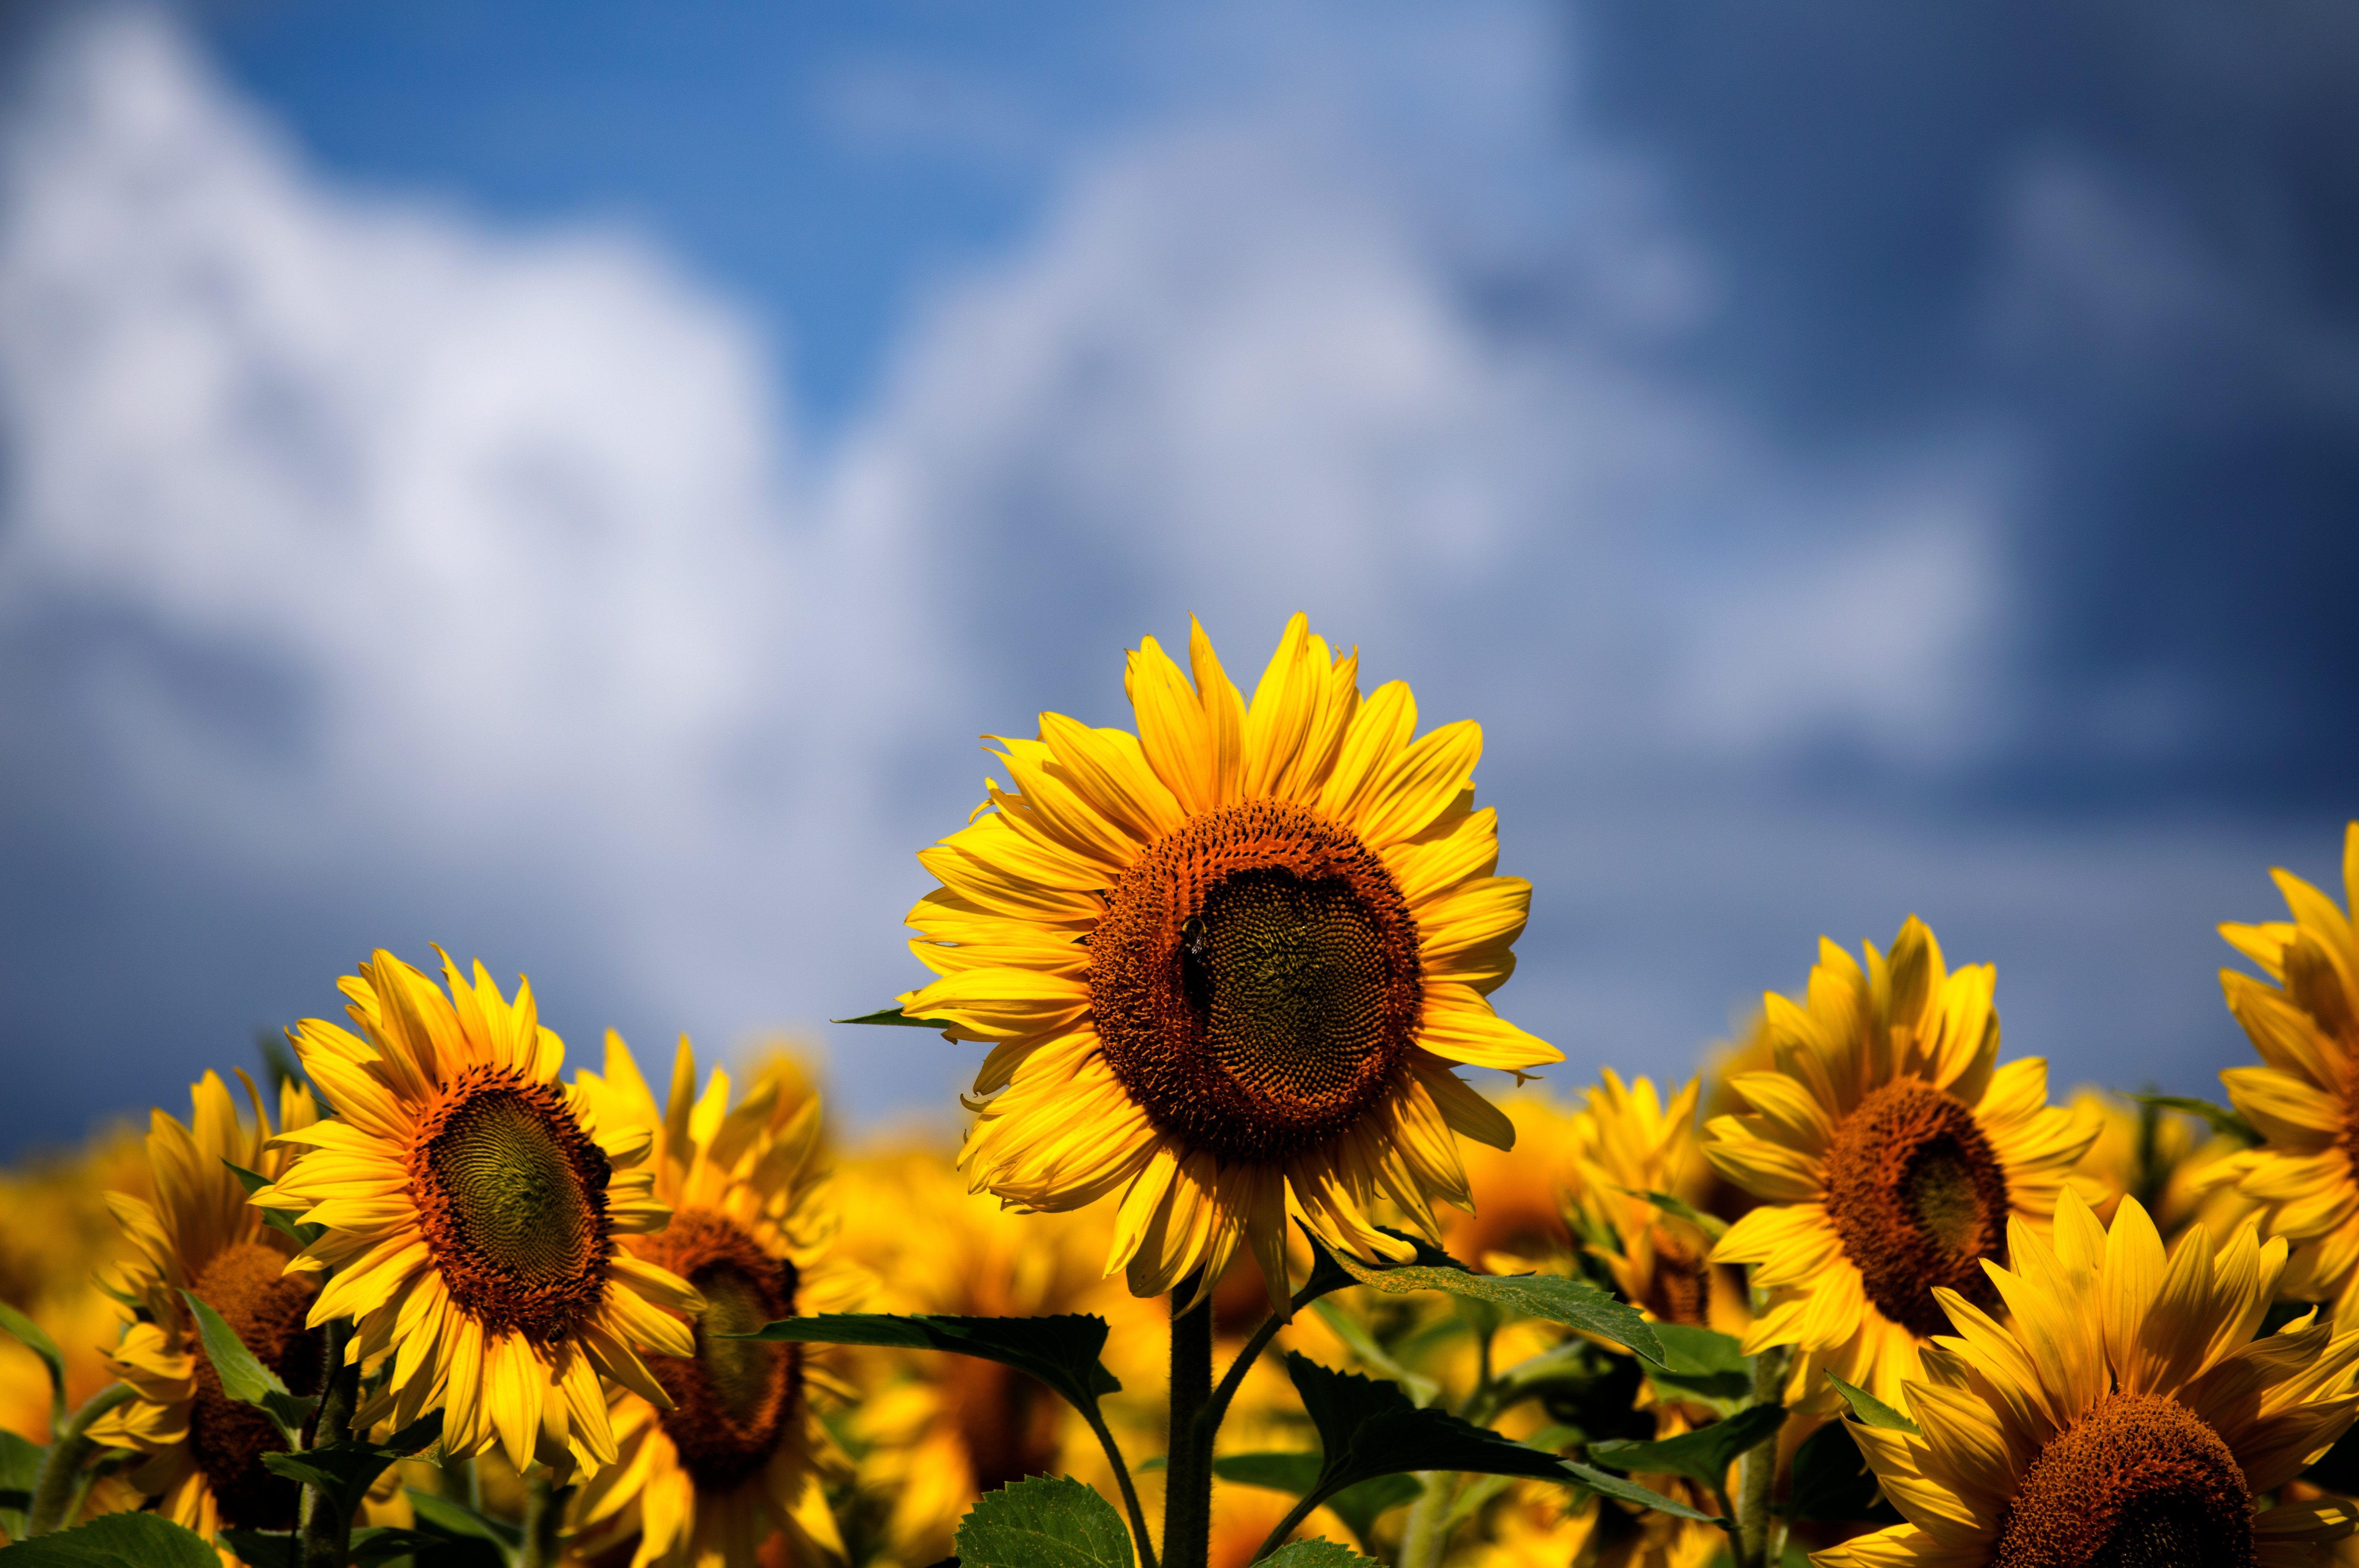 Sunflowers Iphone Wallpaper Idrop News